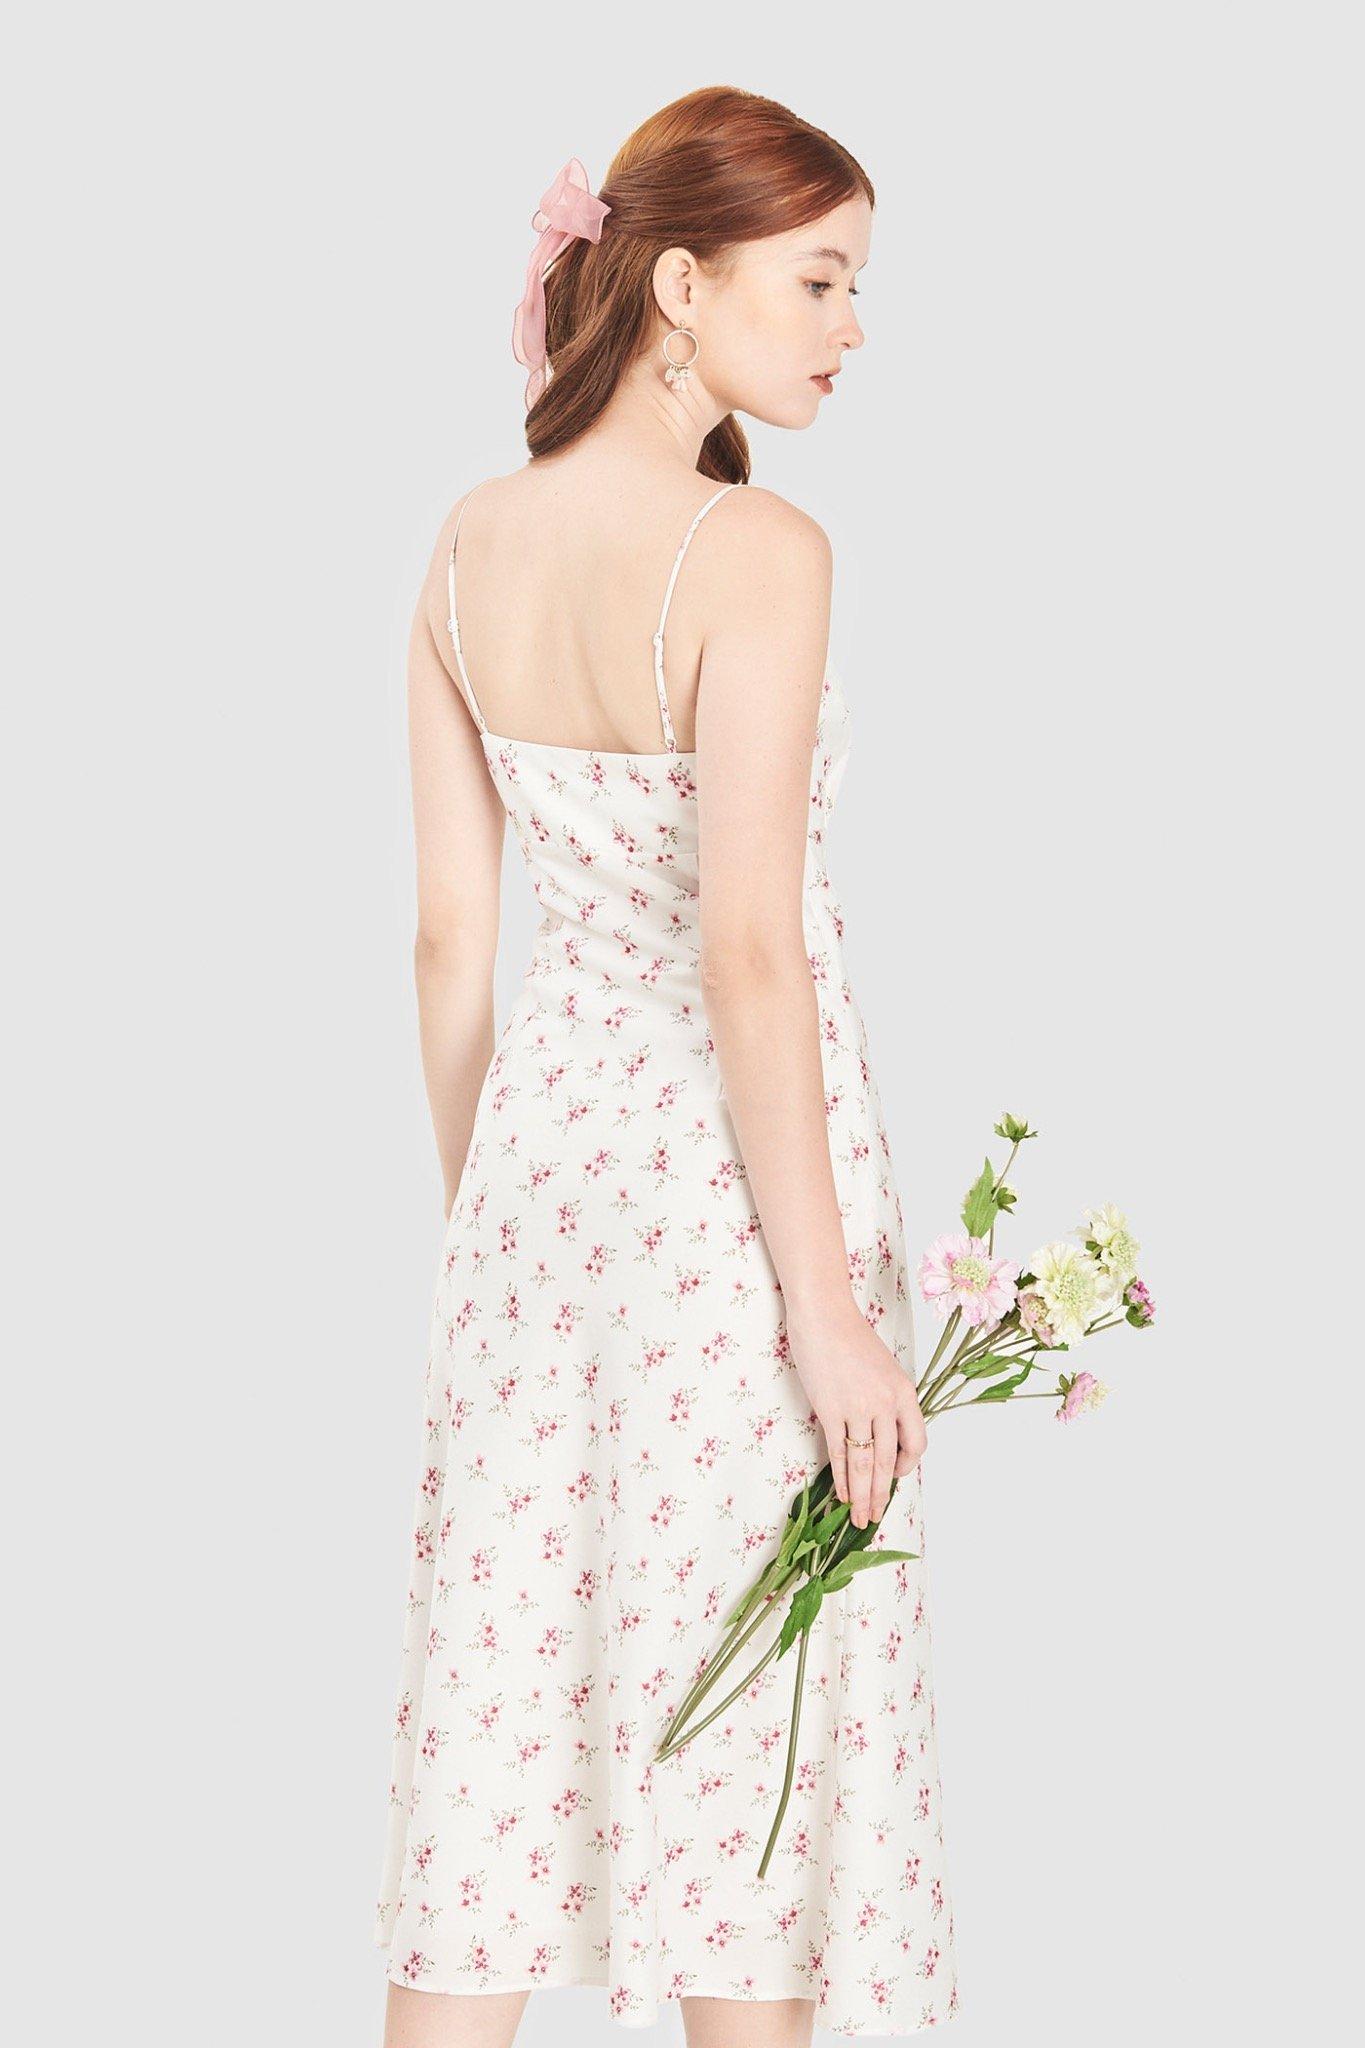 Đầm slip 2 dây nhún ngực họa tiết hoa